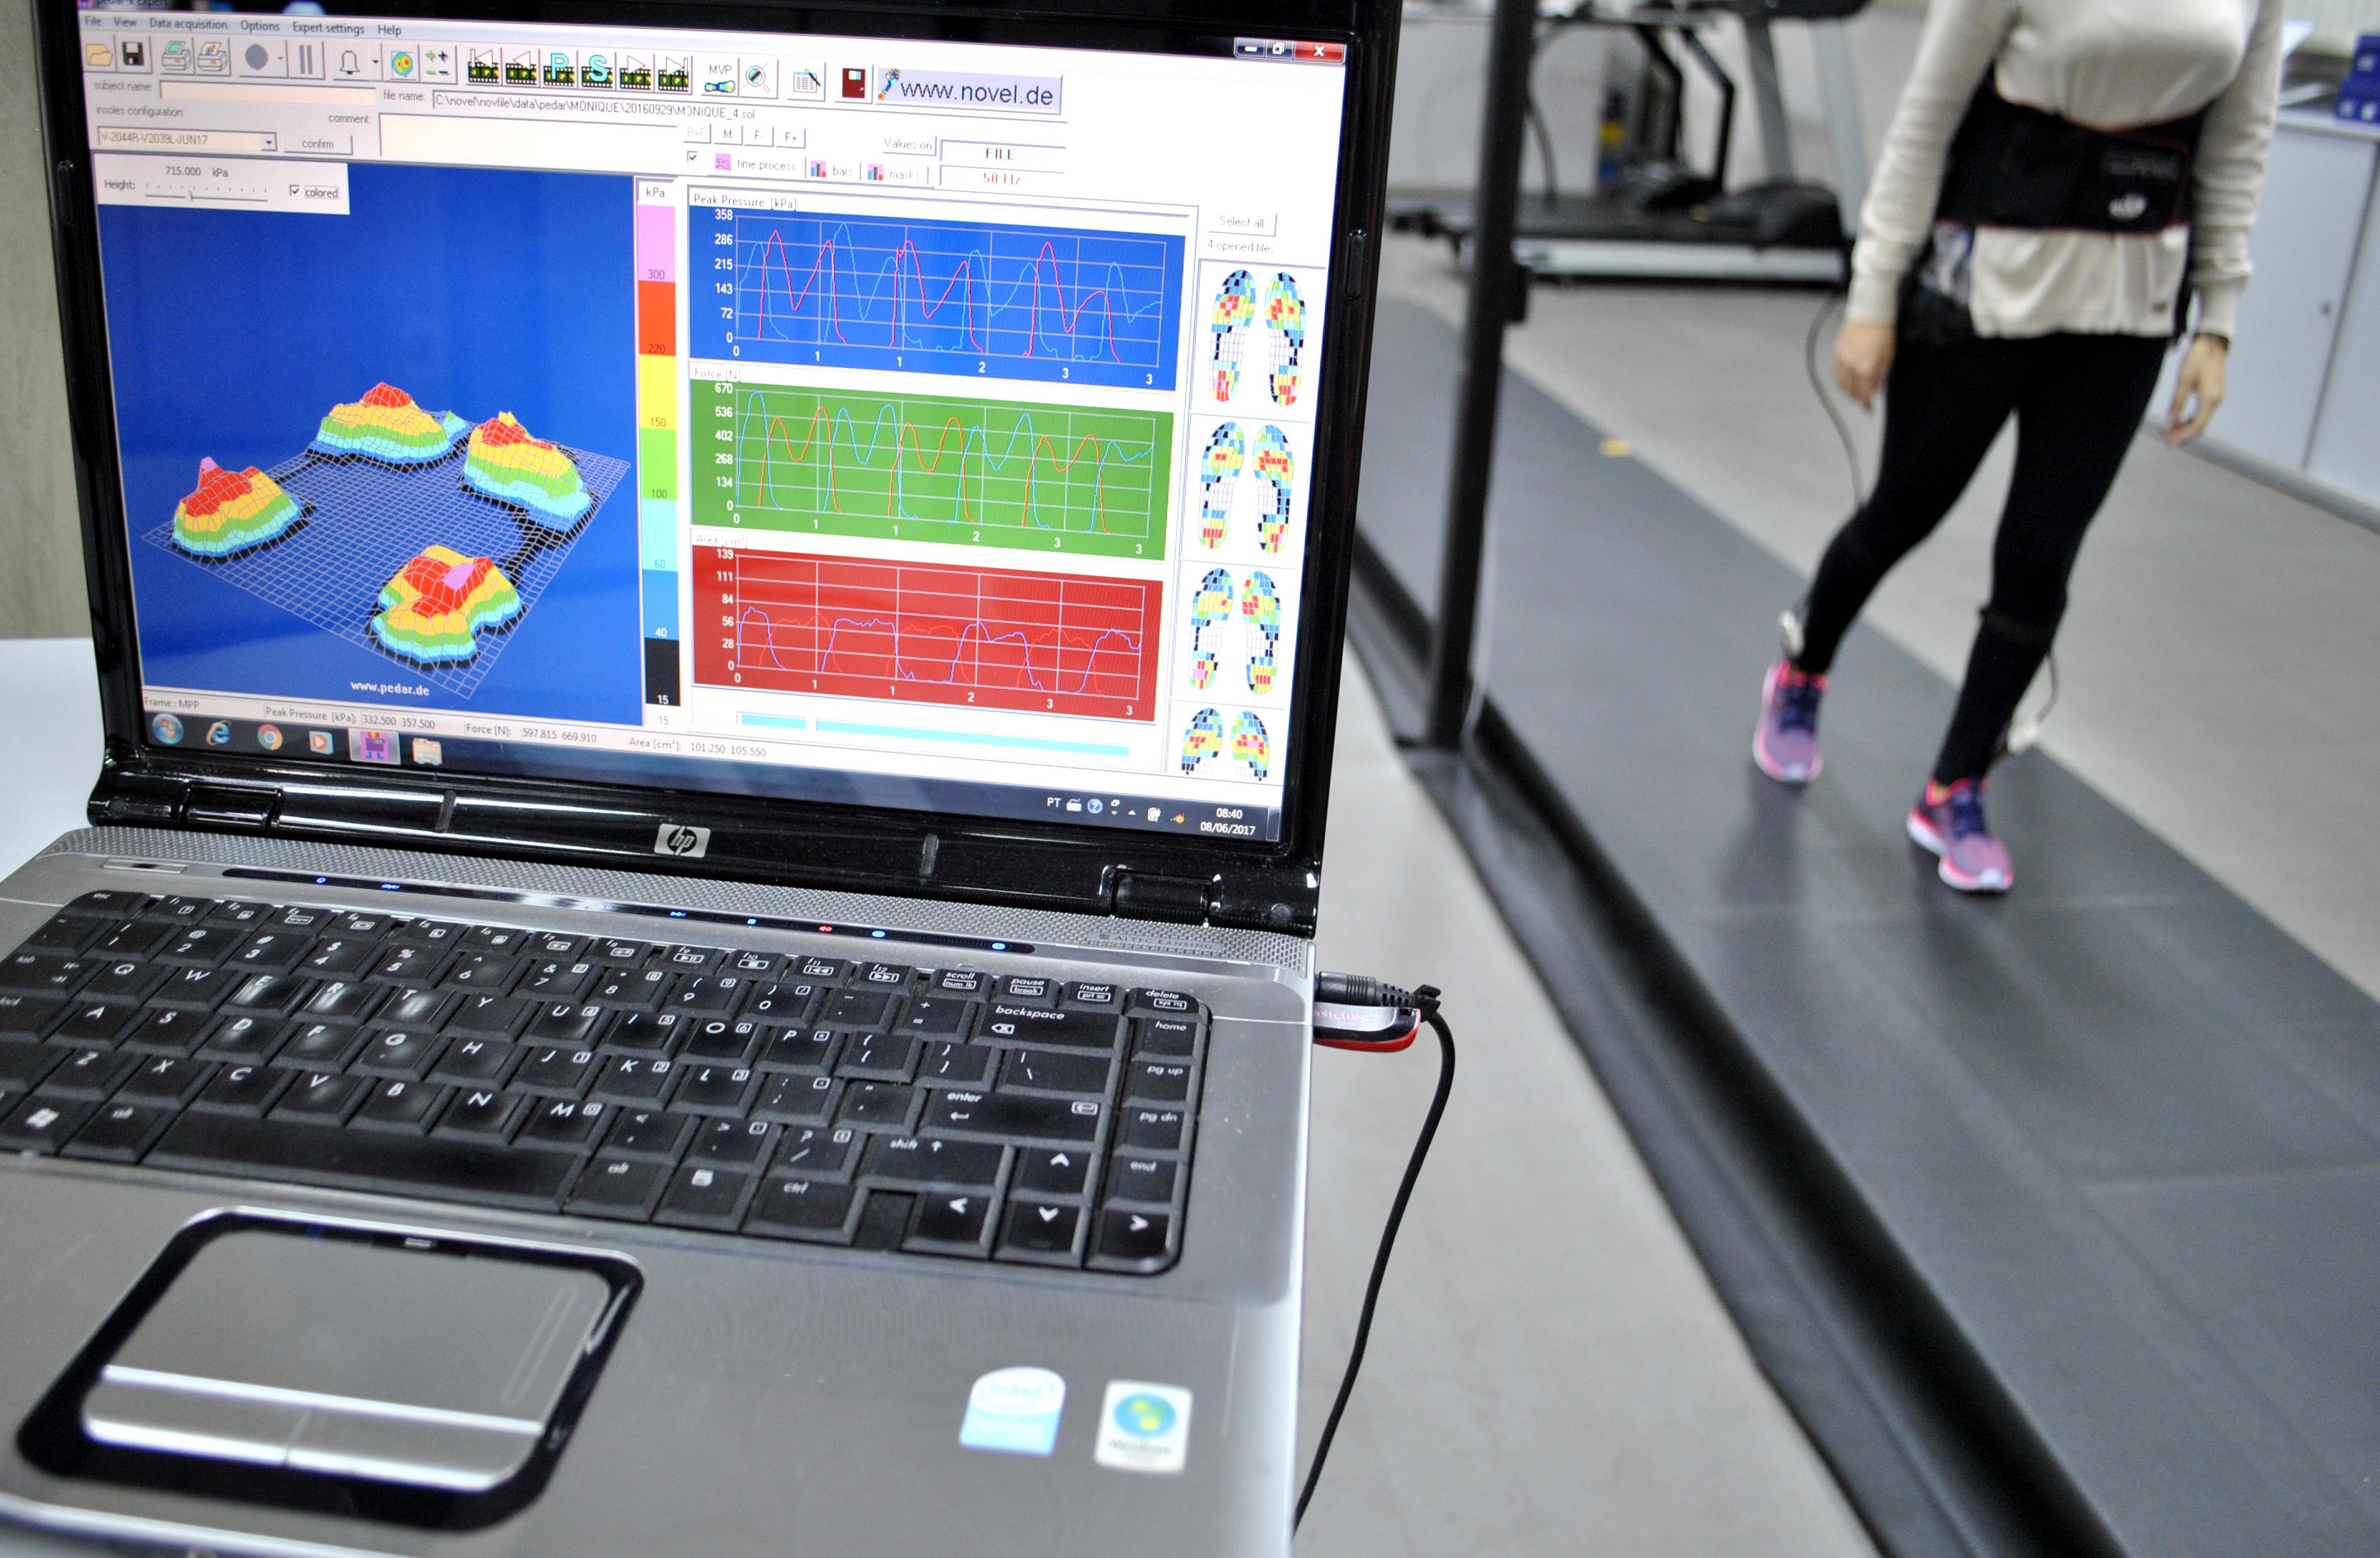 IBTeC aposta no incremento da procura por pesquisas na área de Biomecânica e conforto para calçados